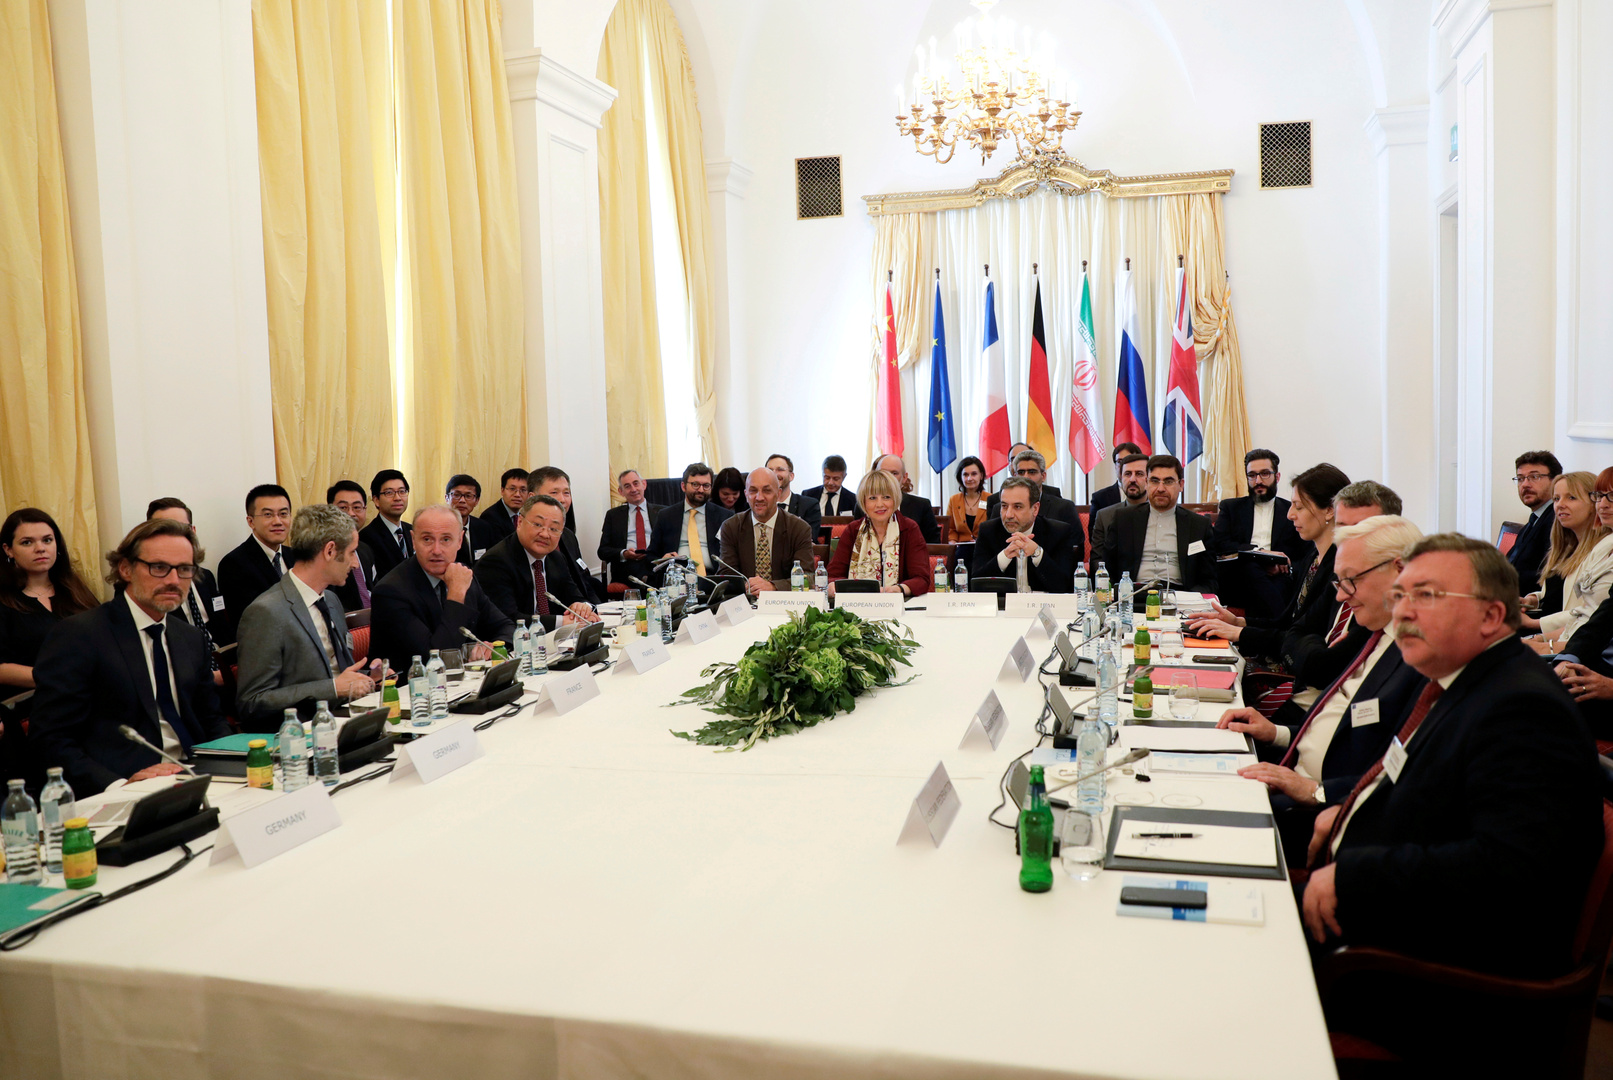 القوى الأوروبية ترى تقدما في محادثات إيران لكن الطريق لا يزال طويلا